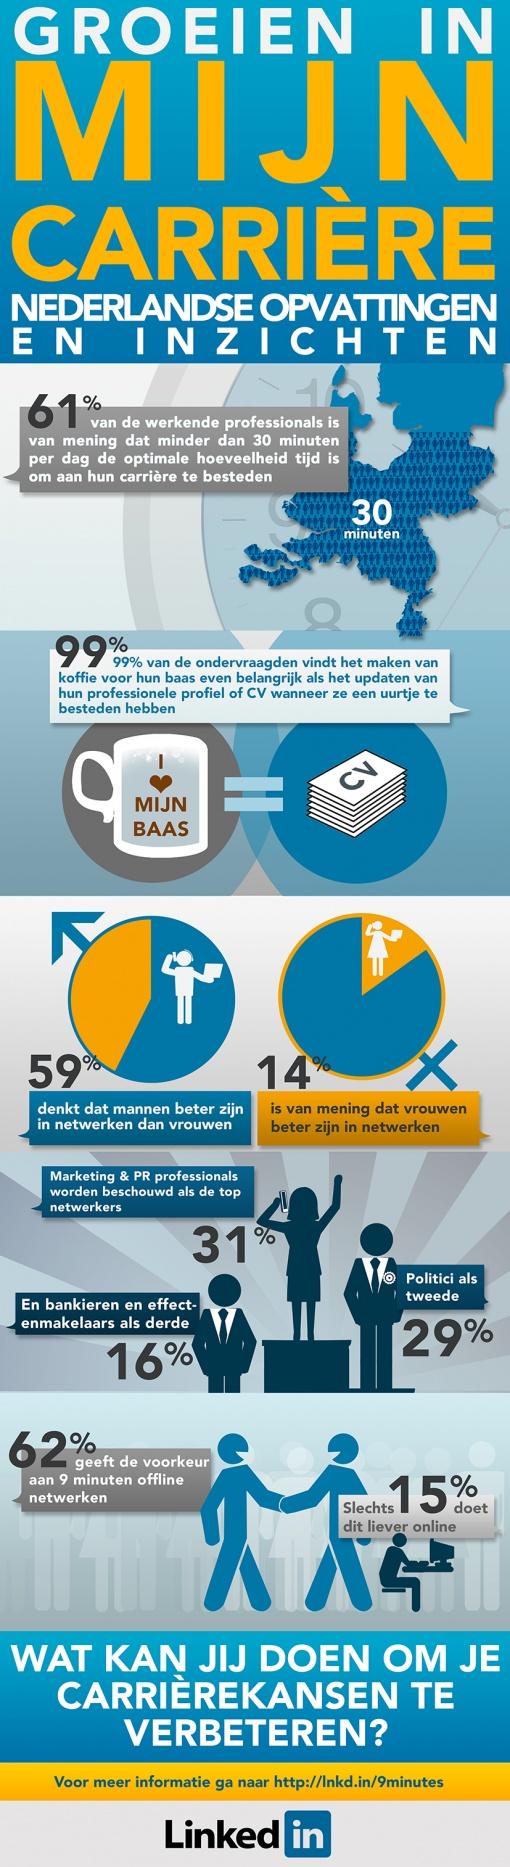 LinkedInheeft onderzoek gedaan naar wat professionals doen om carrière te maken en wat volgens hen hierbij belangrijk is. Uit het onderzoek blijkt dat tweederde van de Nederlandse professionals idealiter tot 30 minuten per dag aan hun carrière besteedt.